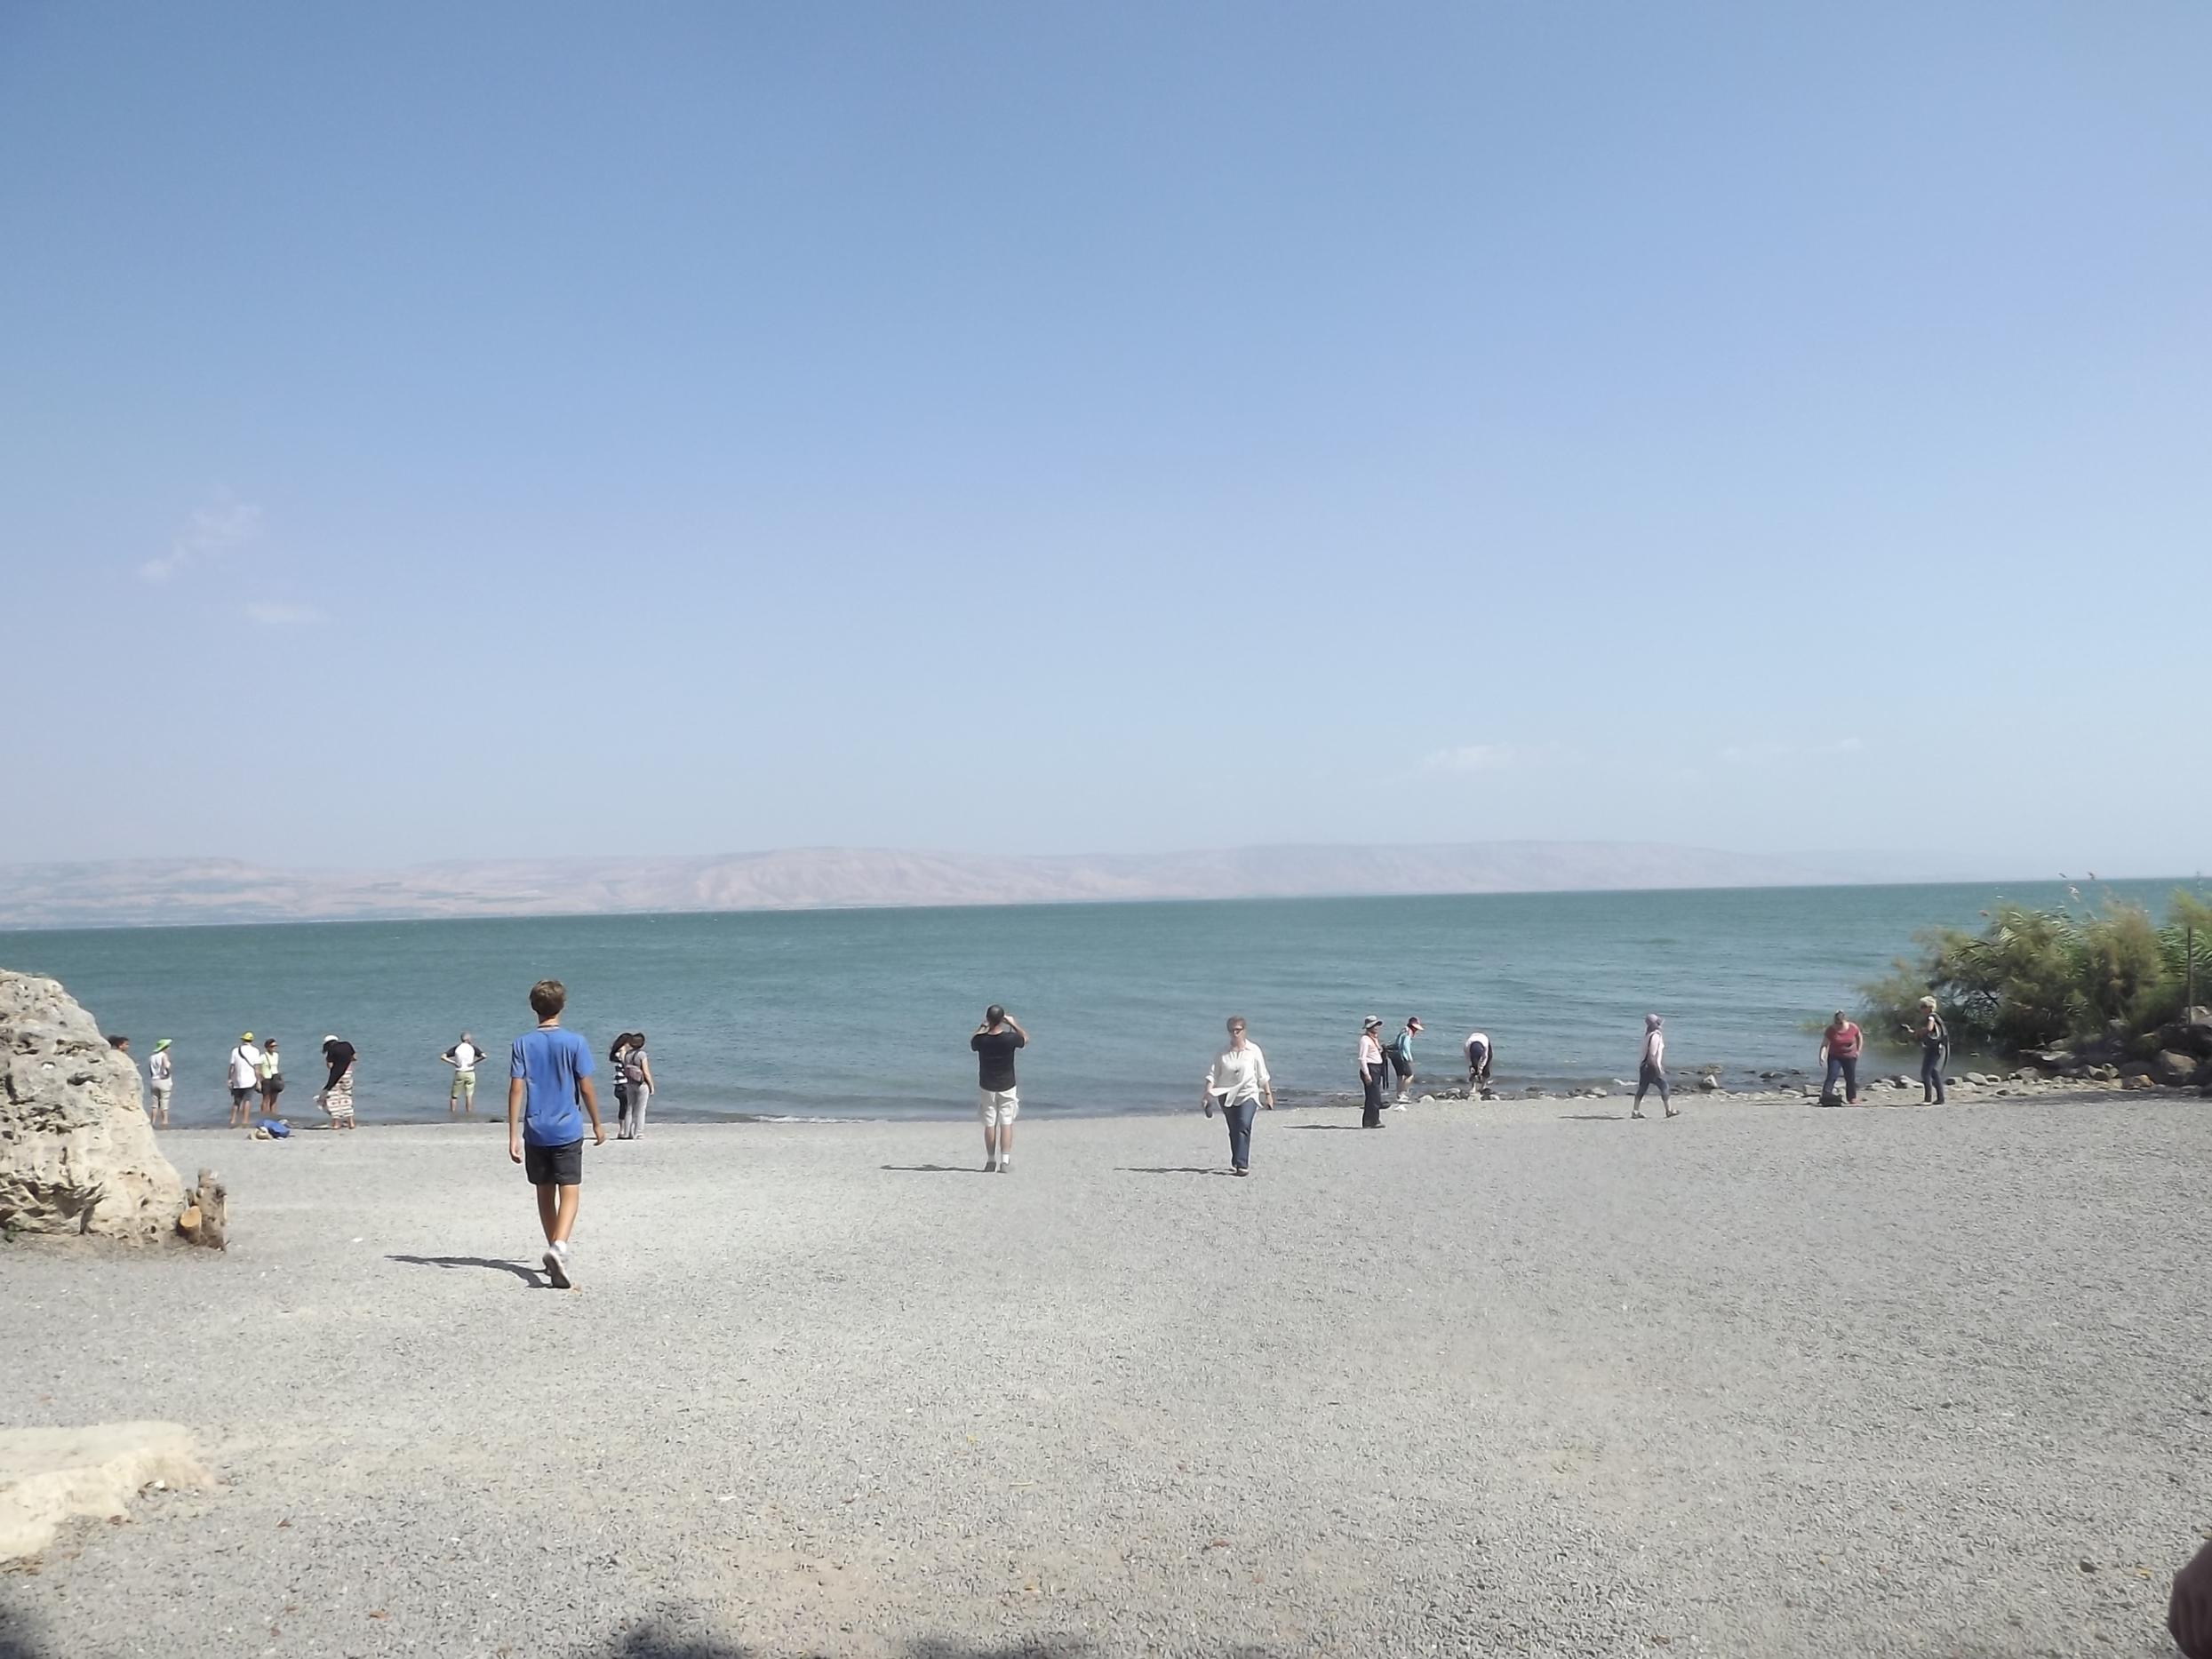 lago-tiberiade